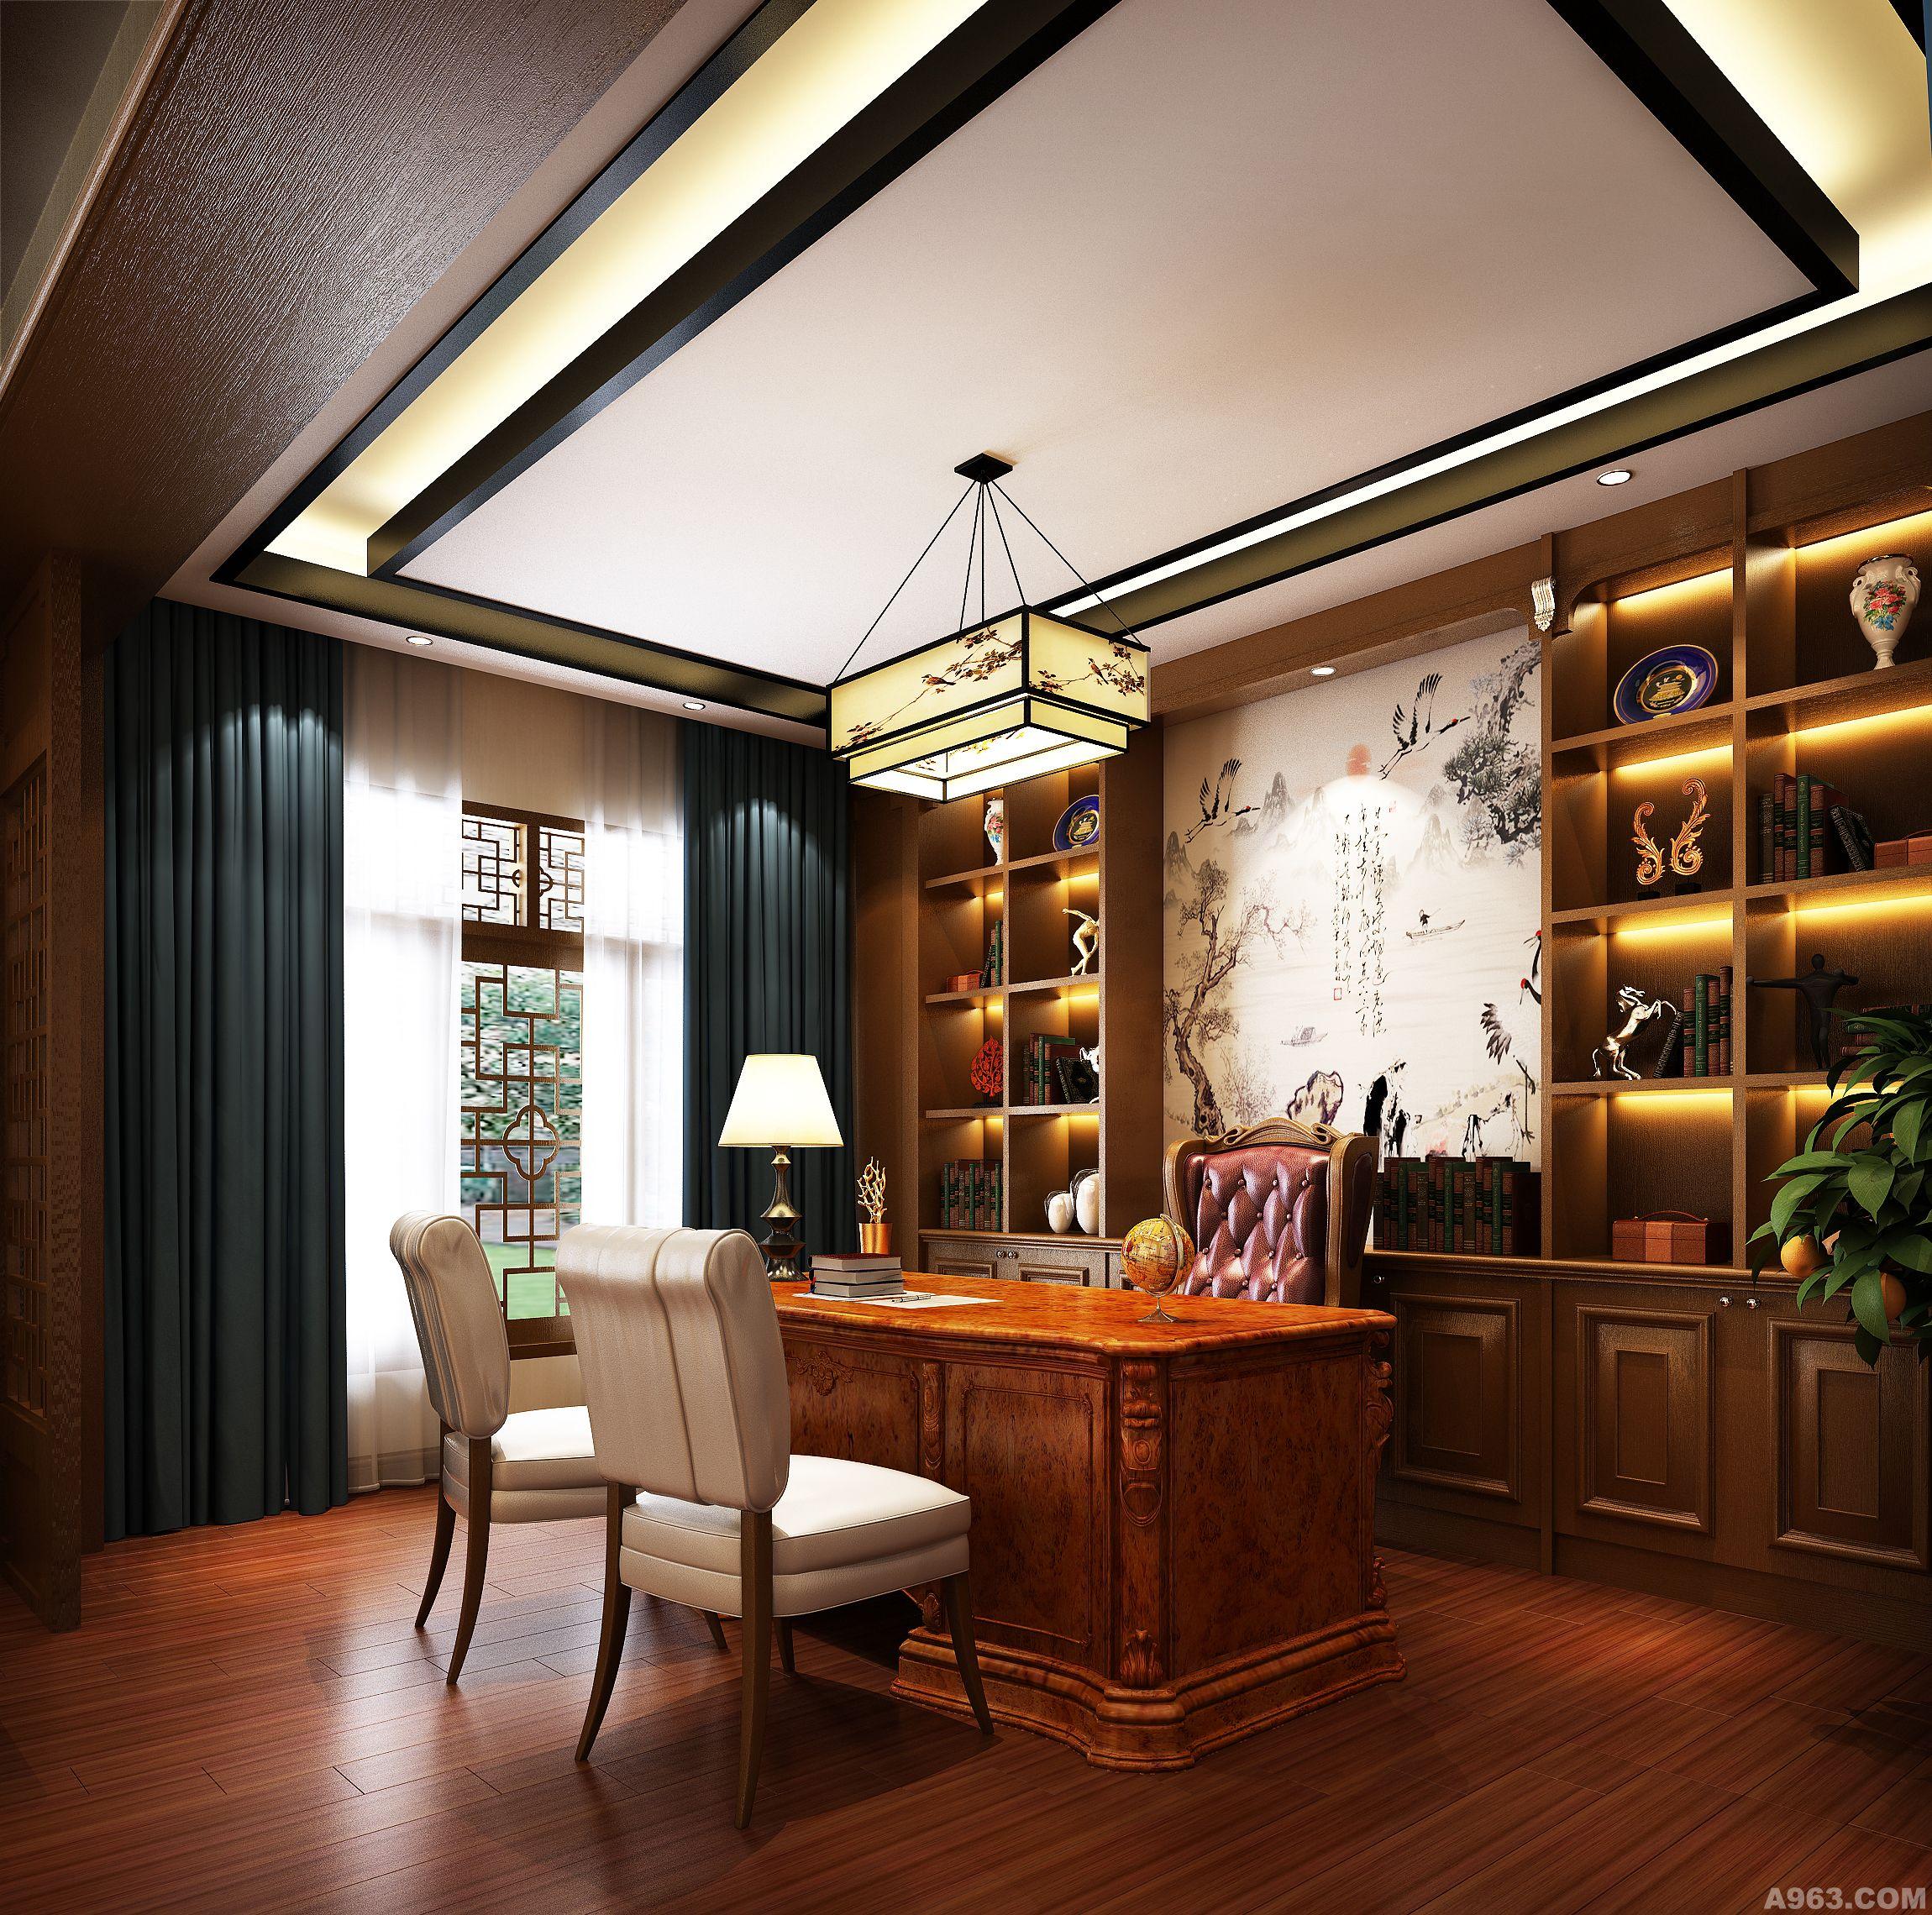 从外观到室内设计,设计者采用灰派的色调与古江南的元素结合来